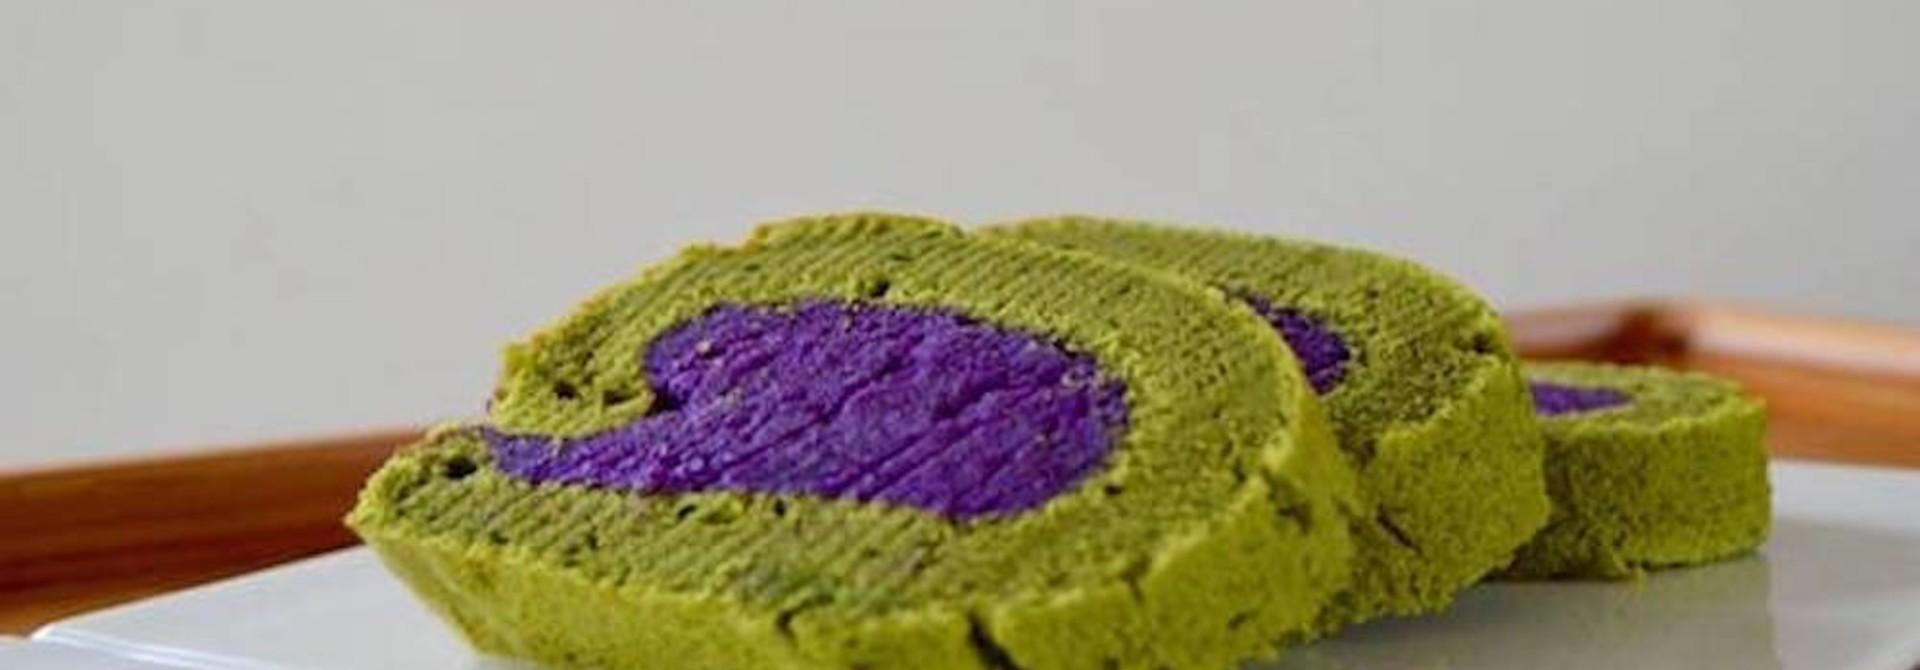 Matcha cakerol met paarse zoete aardappel